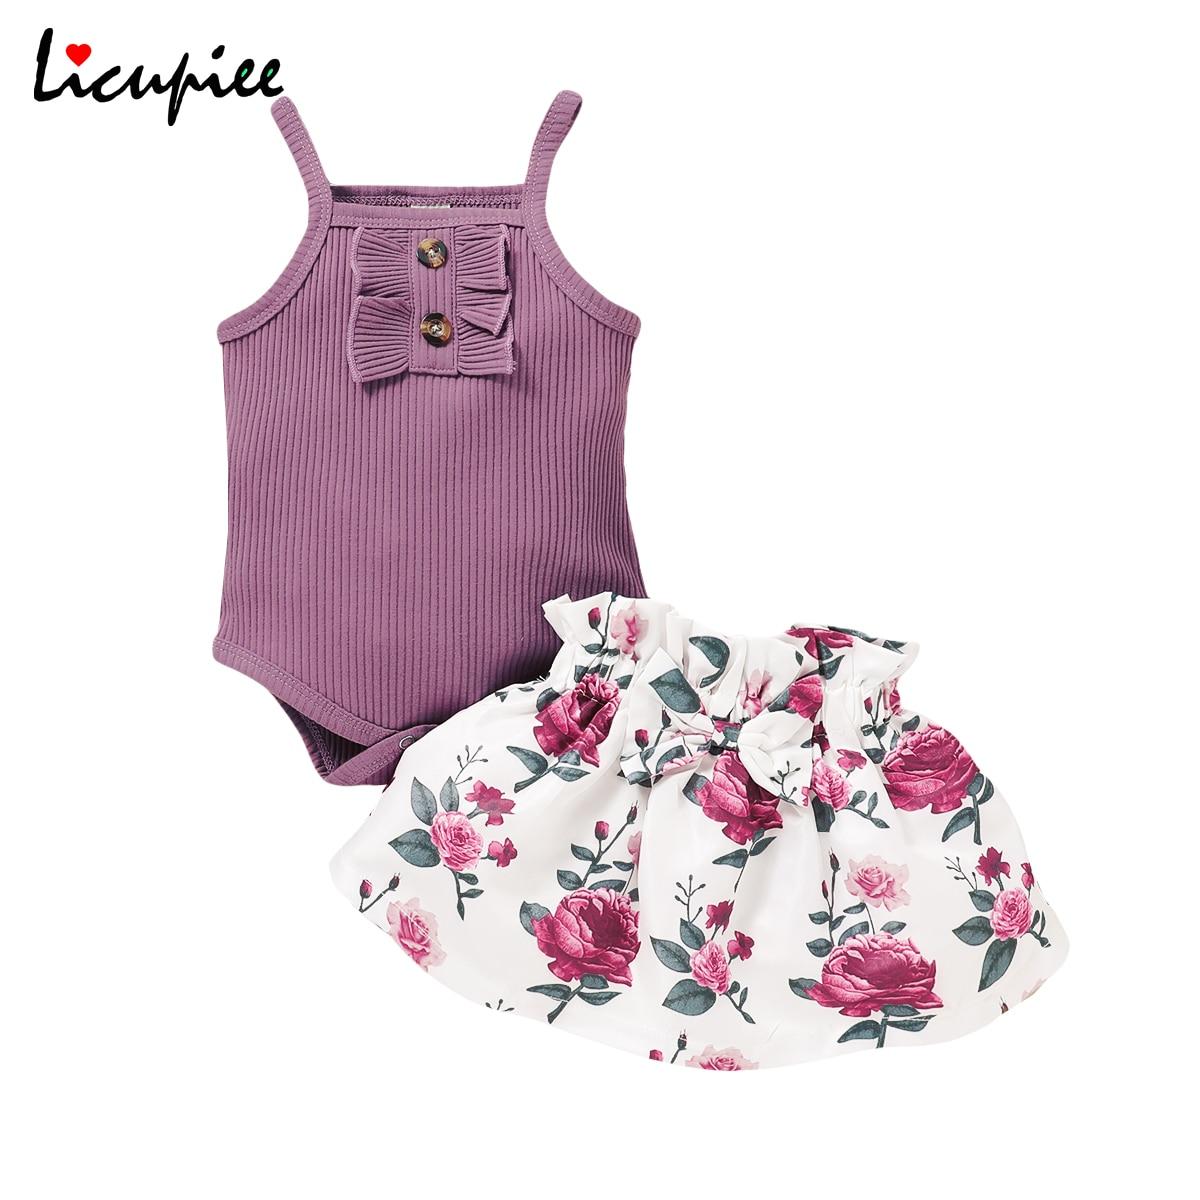 Bebek baskı 2 adet set yeni yaz kız elbise setleri Ruffles kolsuz katı Romper ayçiçeği etekler 2 adet 0-18 ay